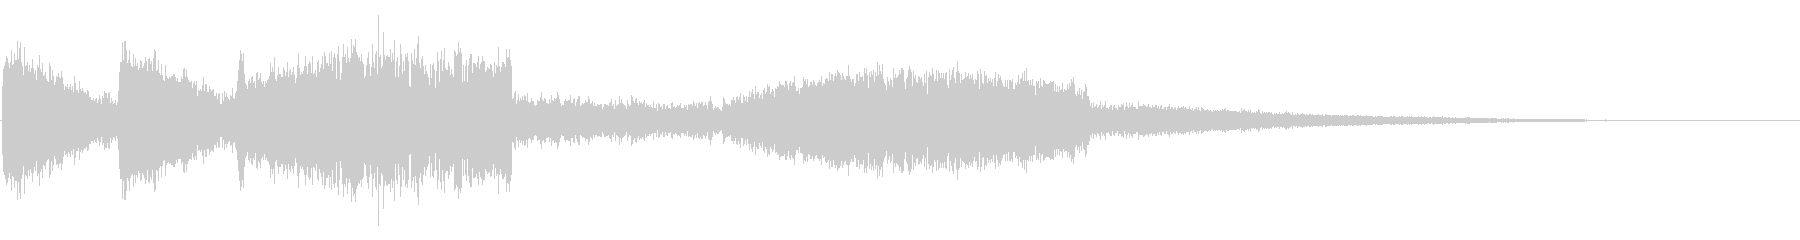 リフトオフへのレーザーショットの未再生の波形